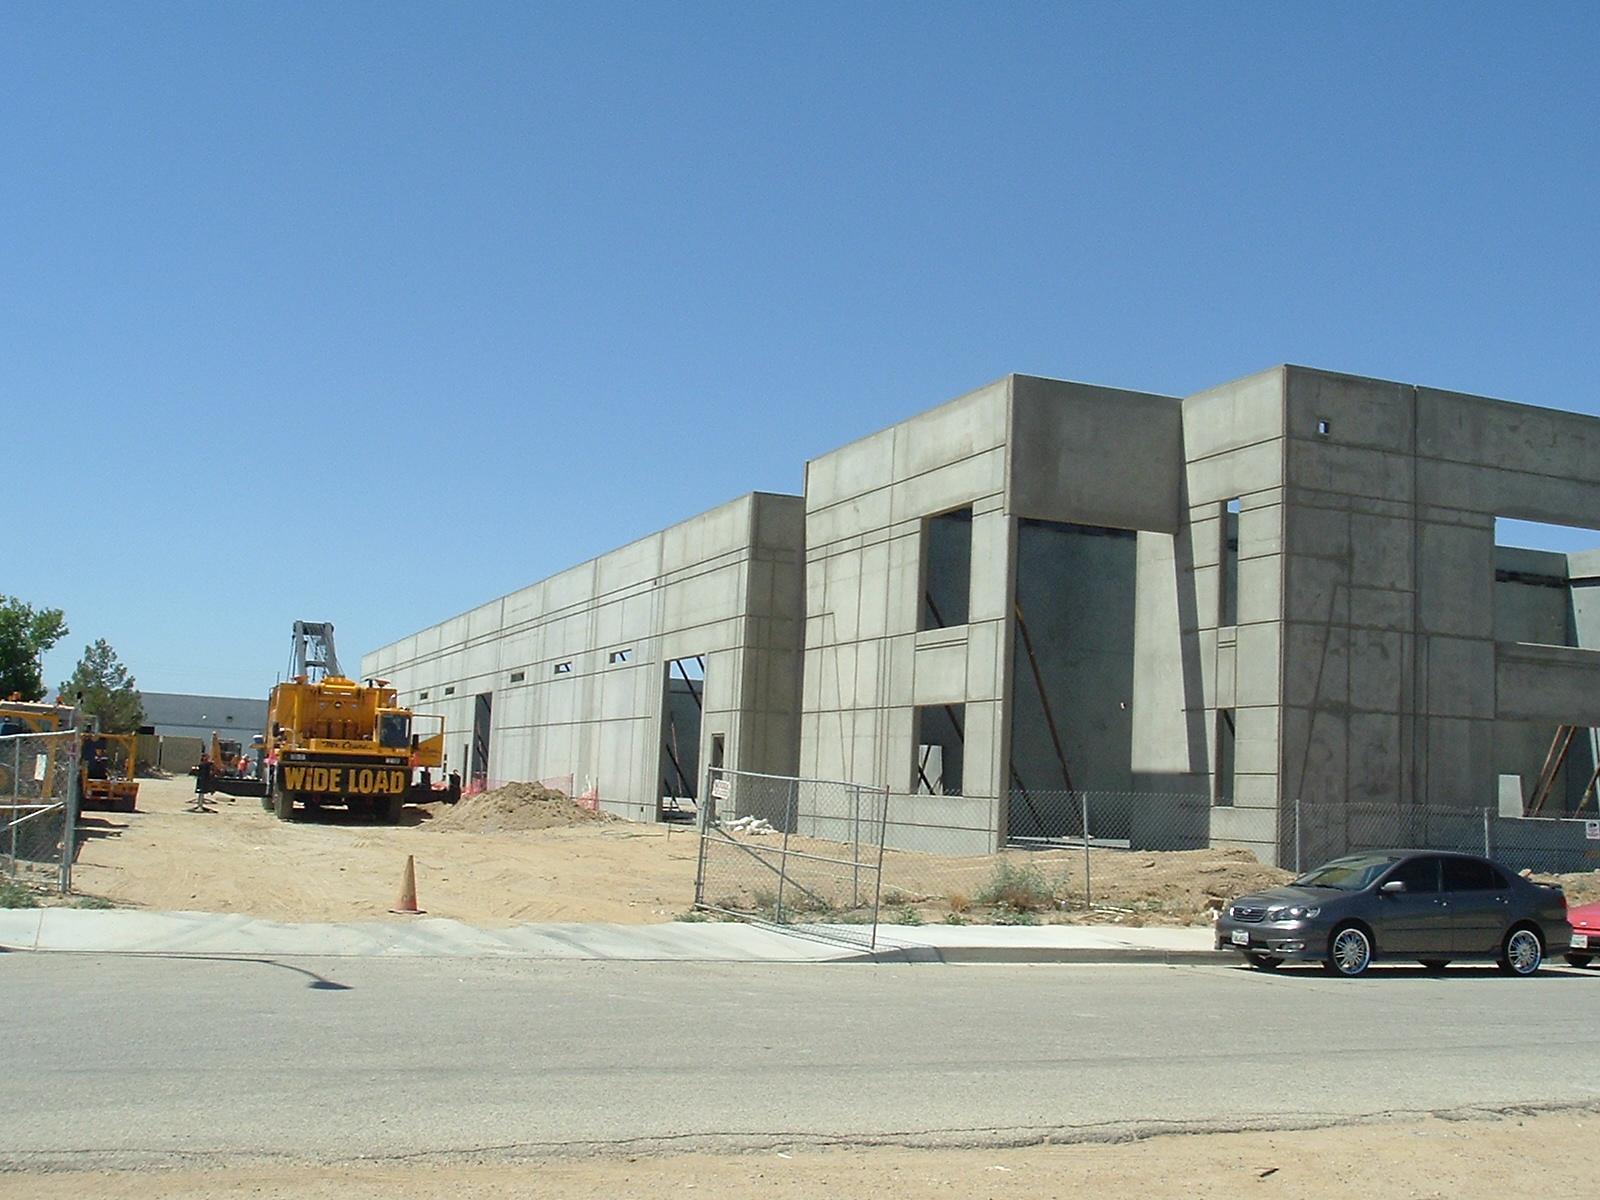 Industrial Concrete - DSCF2045